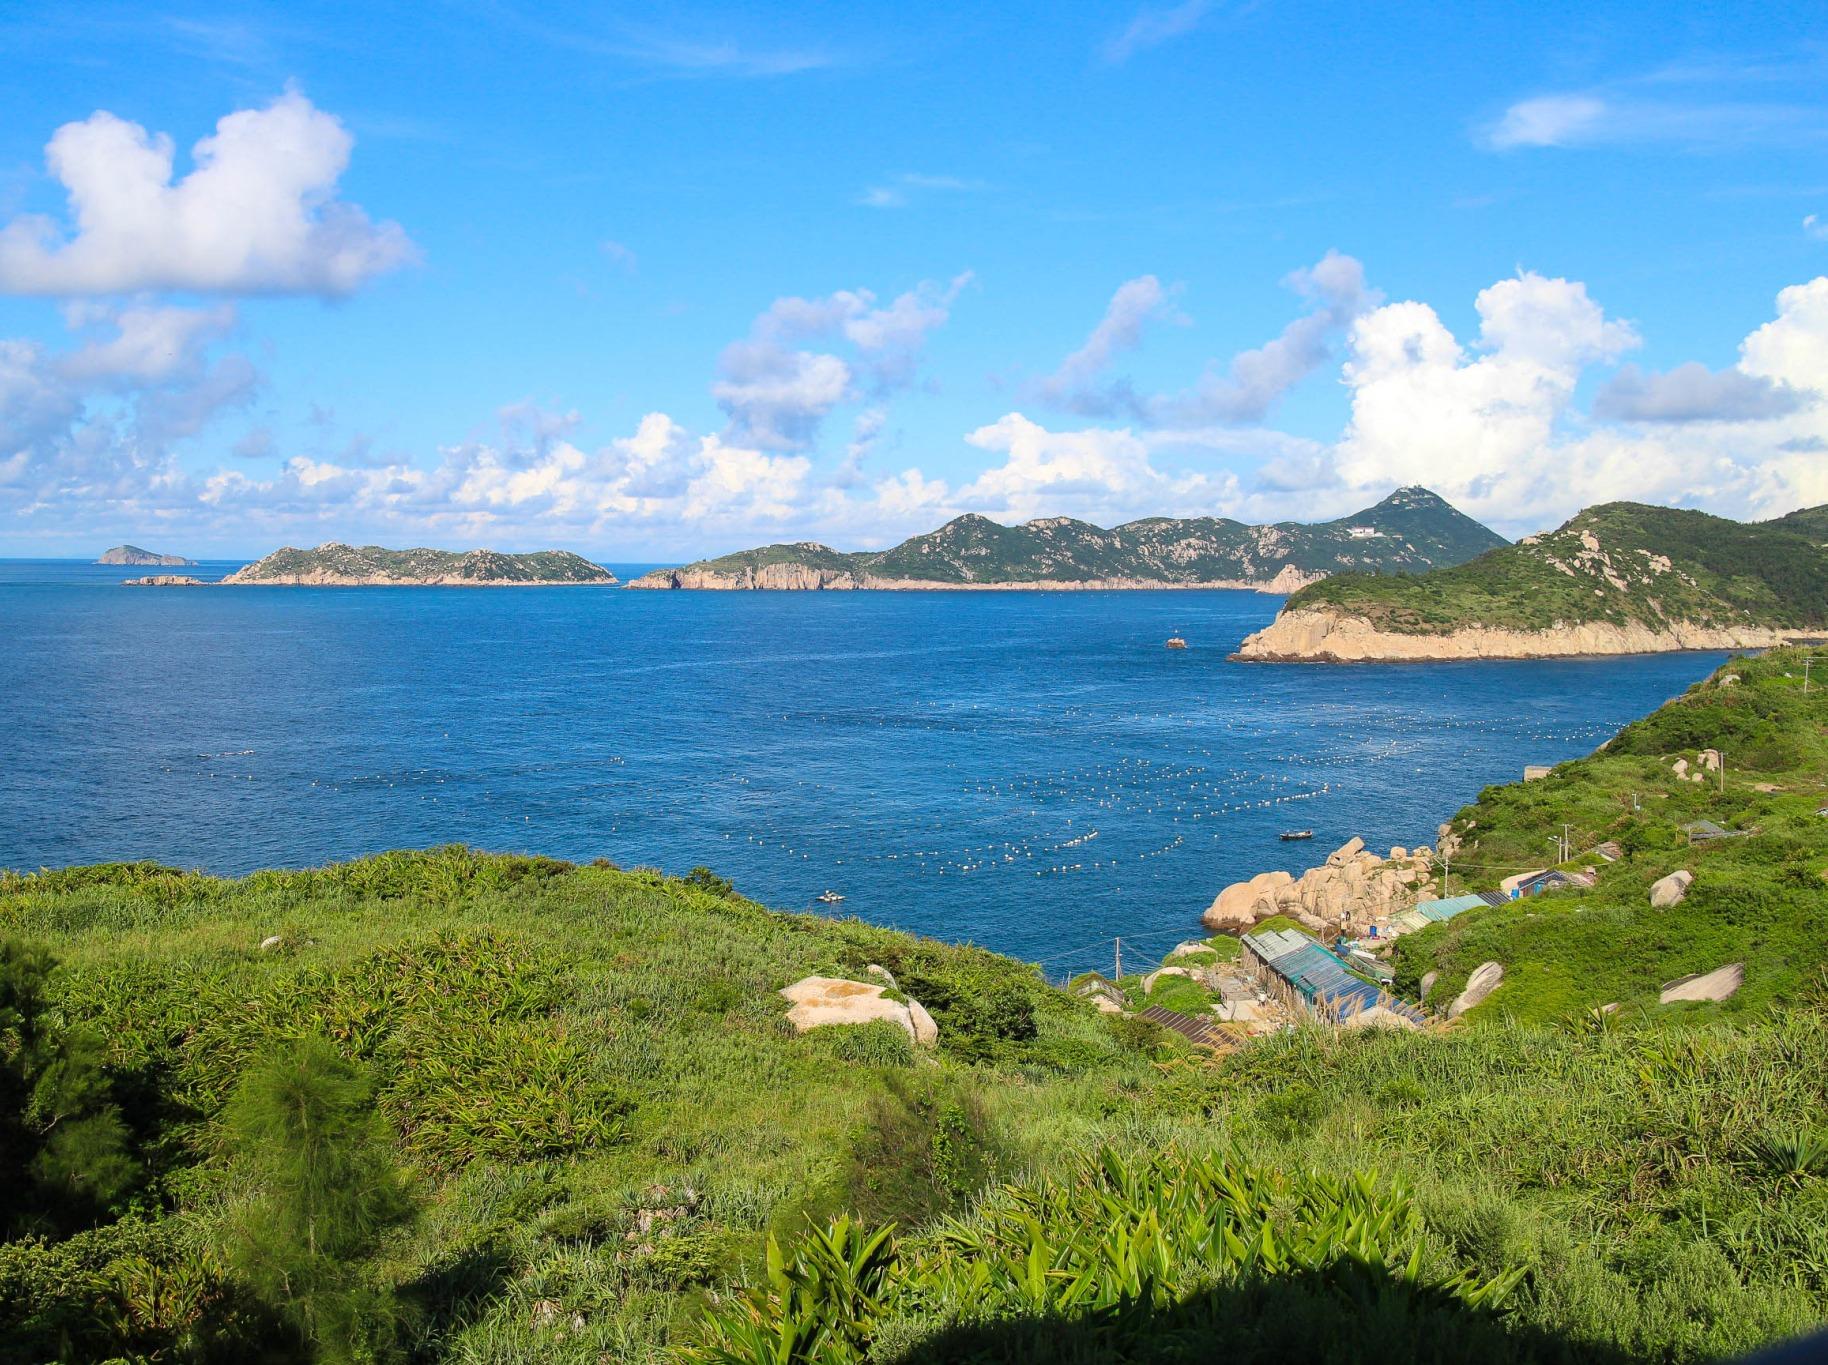 麂岛,露营蓝色牧场,游览碧海仙山